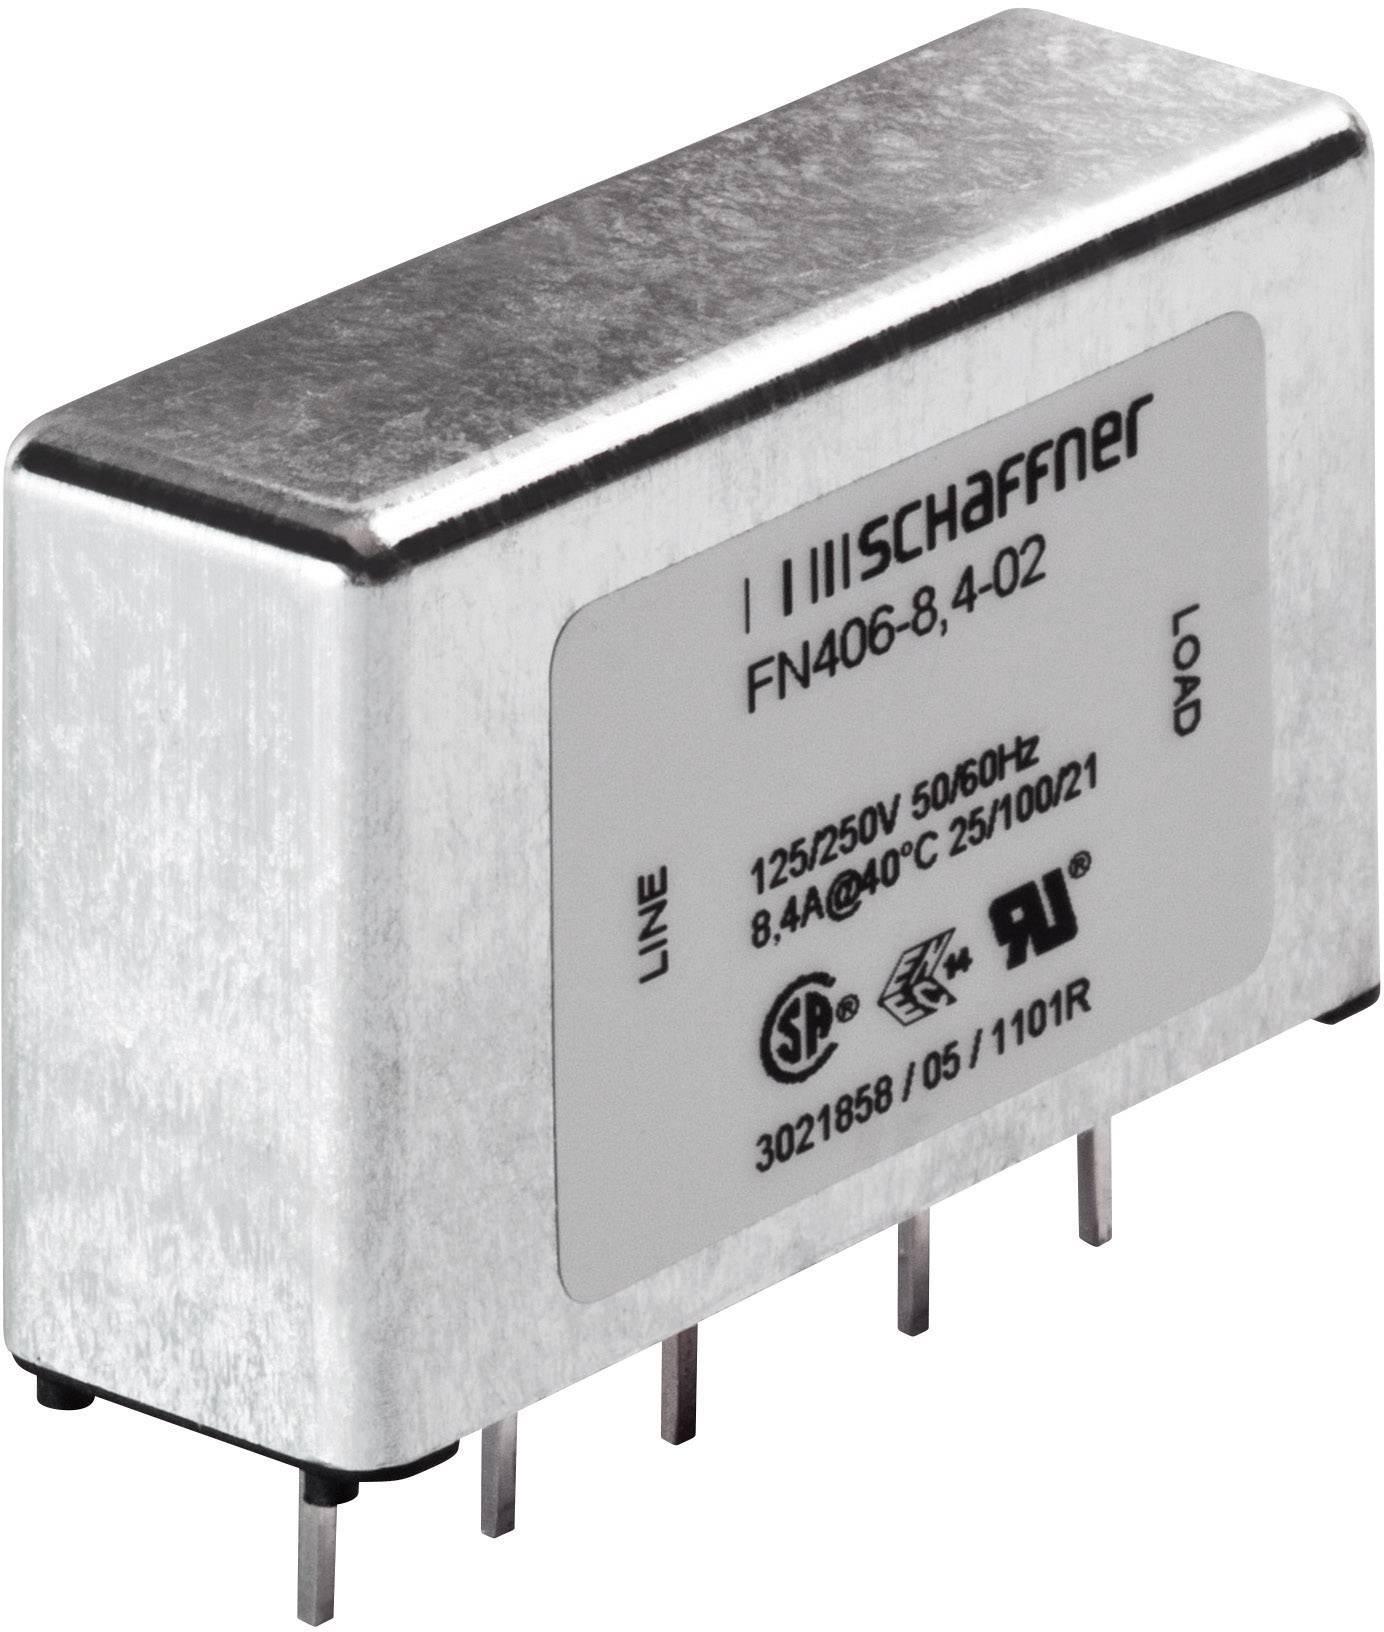 Odrušovací filter Schaffner FN 406-1-02 FN 406-1-02, 250 V/AC, 1 A, 12 mH, (d x š x v) 45 x 15 x 28 mm, 1 ks